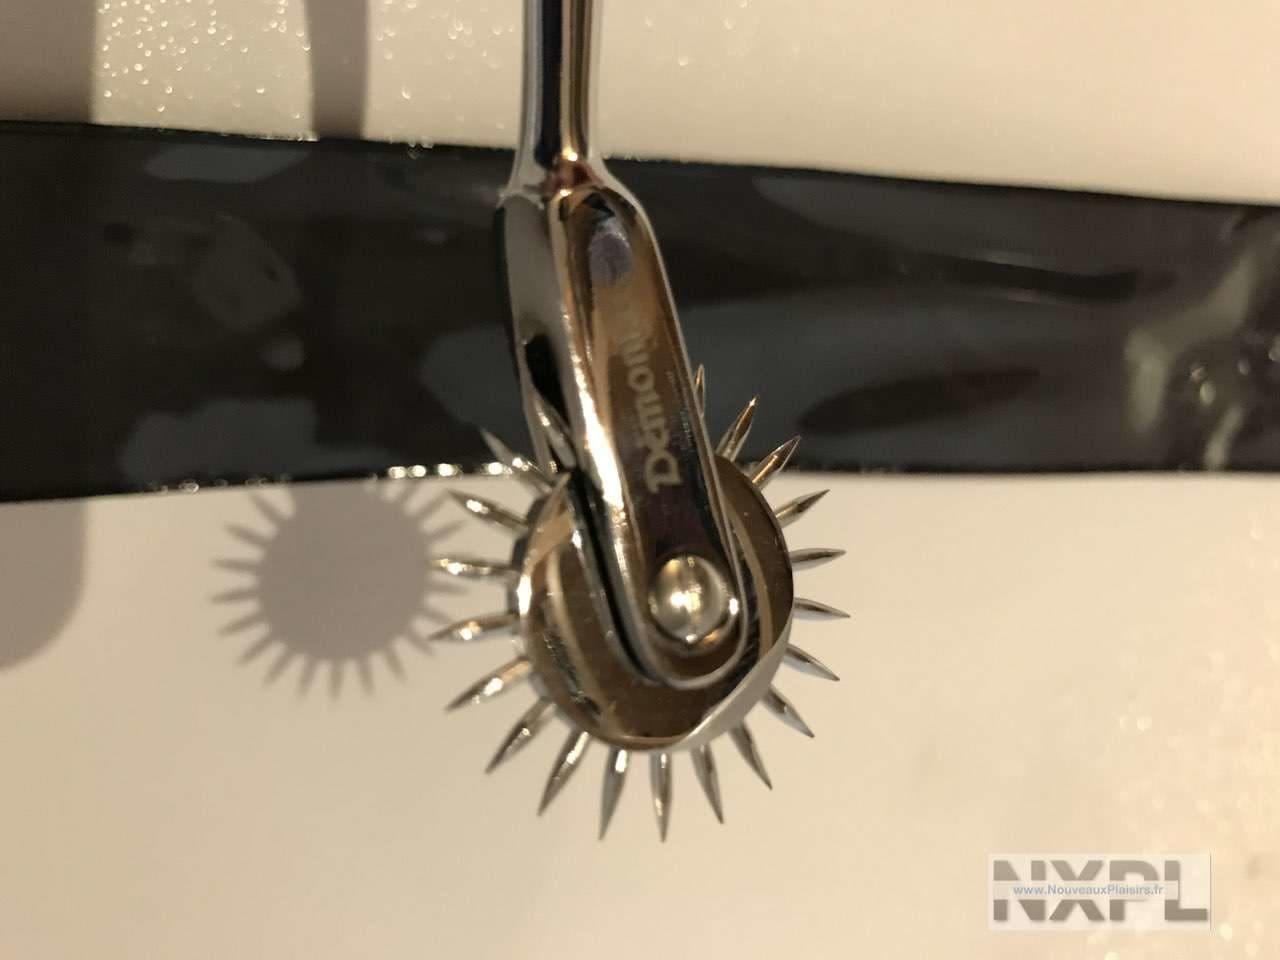 NXPL - Test de la roue à dent Dèmonia ou Roulette de Wartenberg